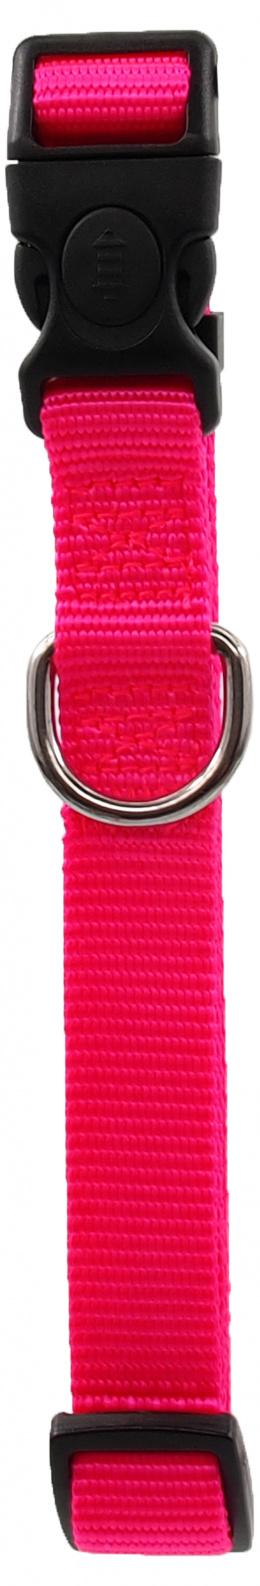 Ошейник - Dog Fantasy Classic Neilona M, 2cm, 34-49cm, цвет - розовый